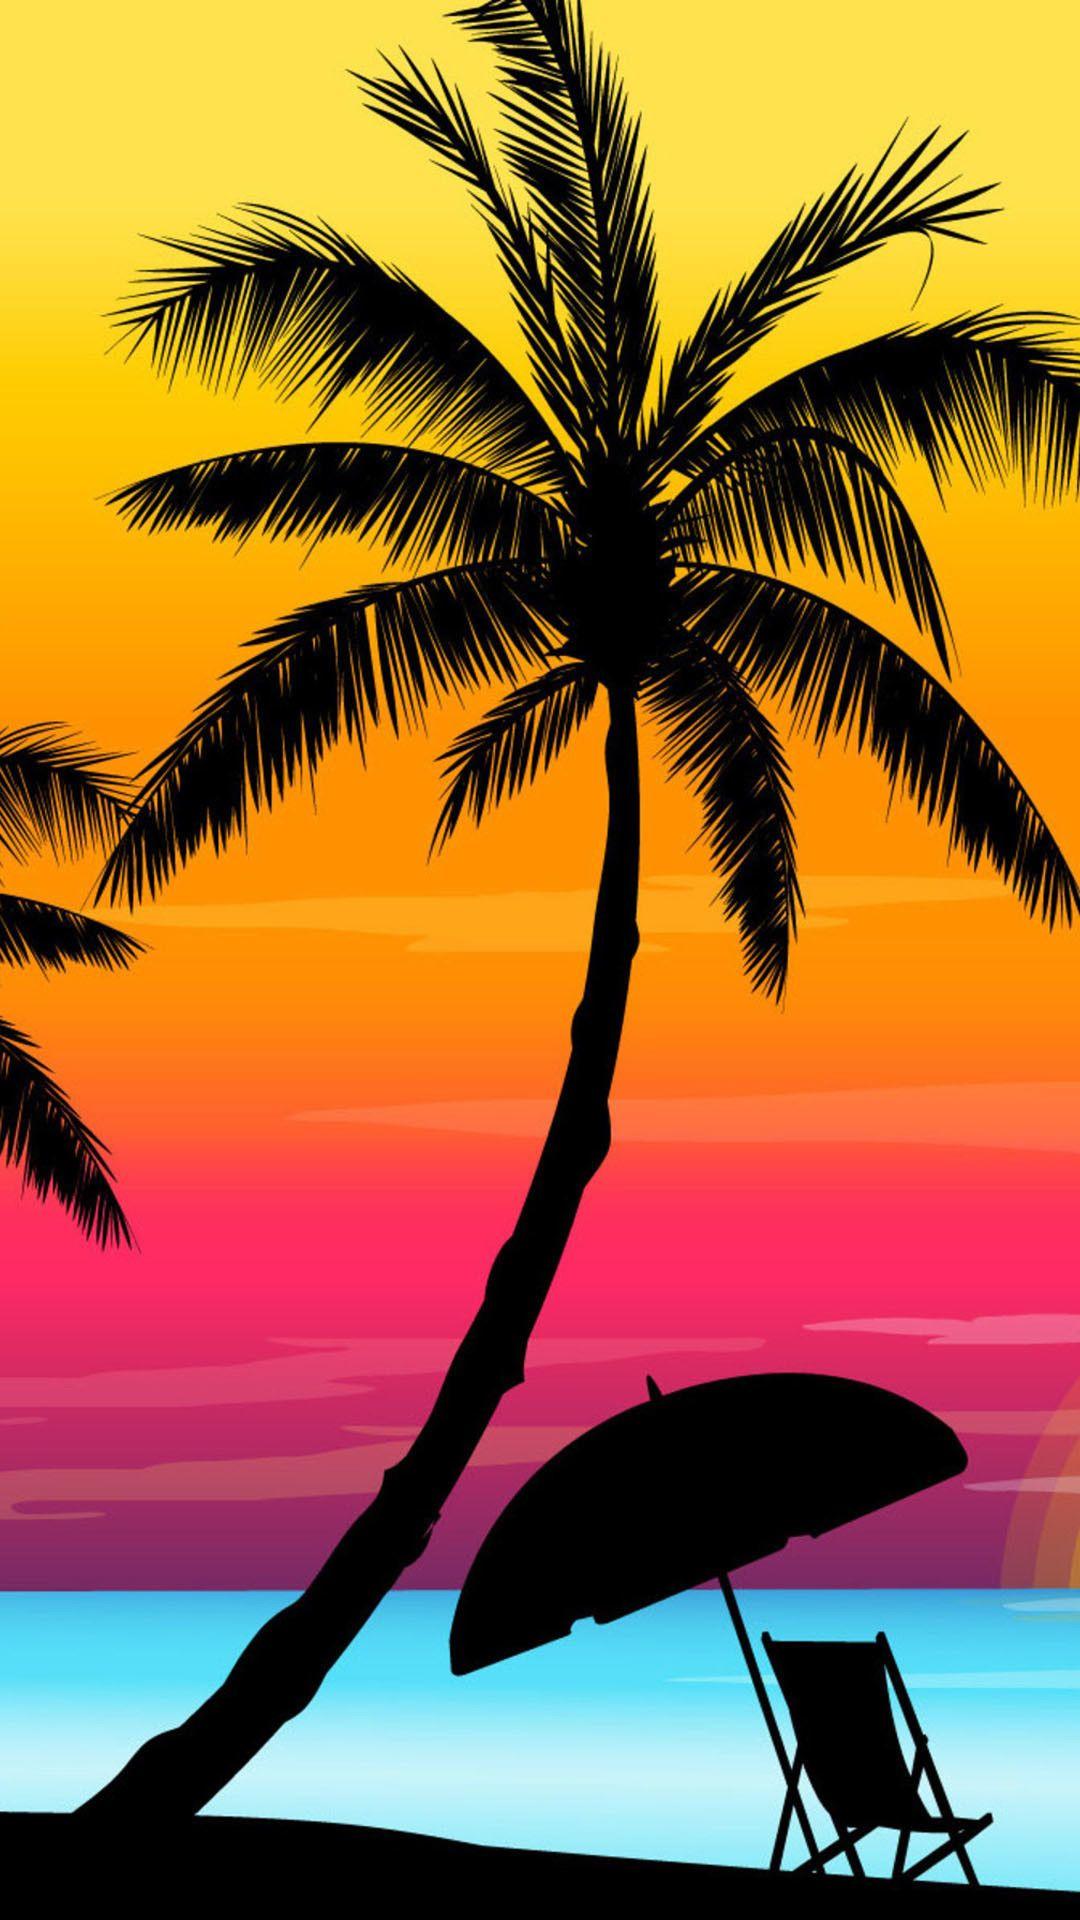 Épinglé par Vickie Adkisson sur cool wallpapers   Fond d'écran iphone été, Fond d'écran coloré ...